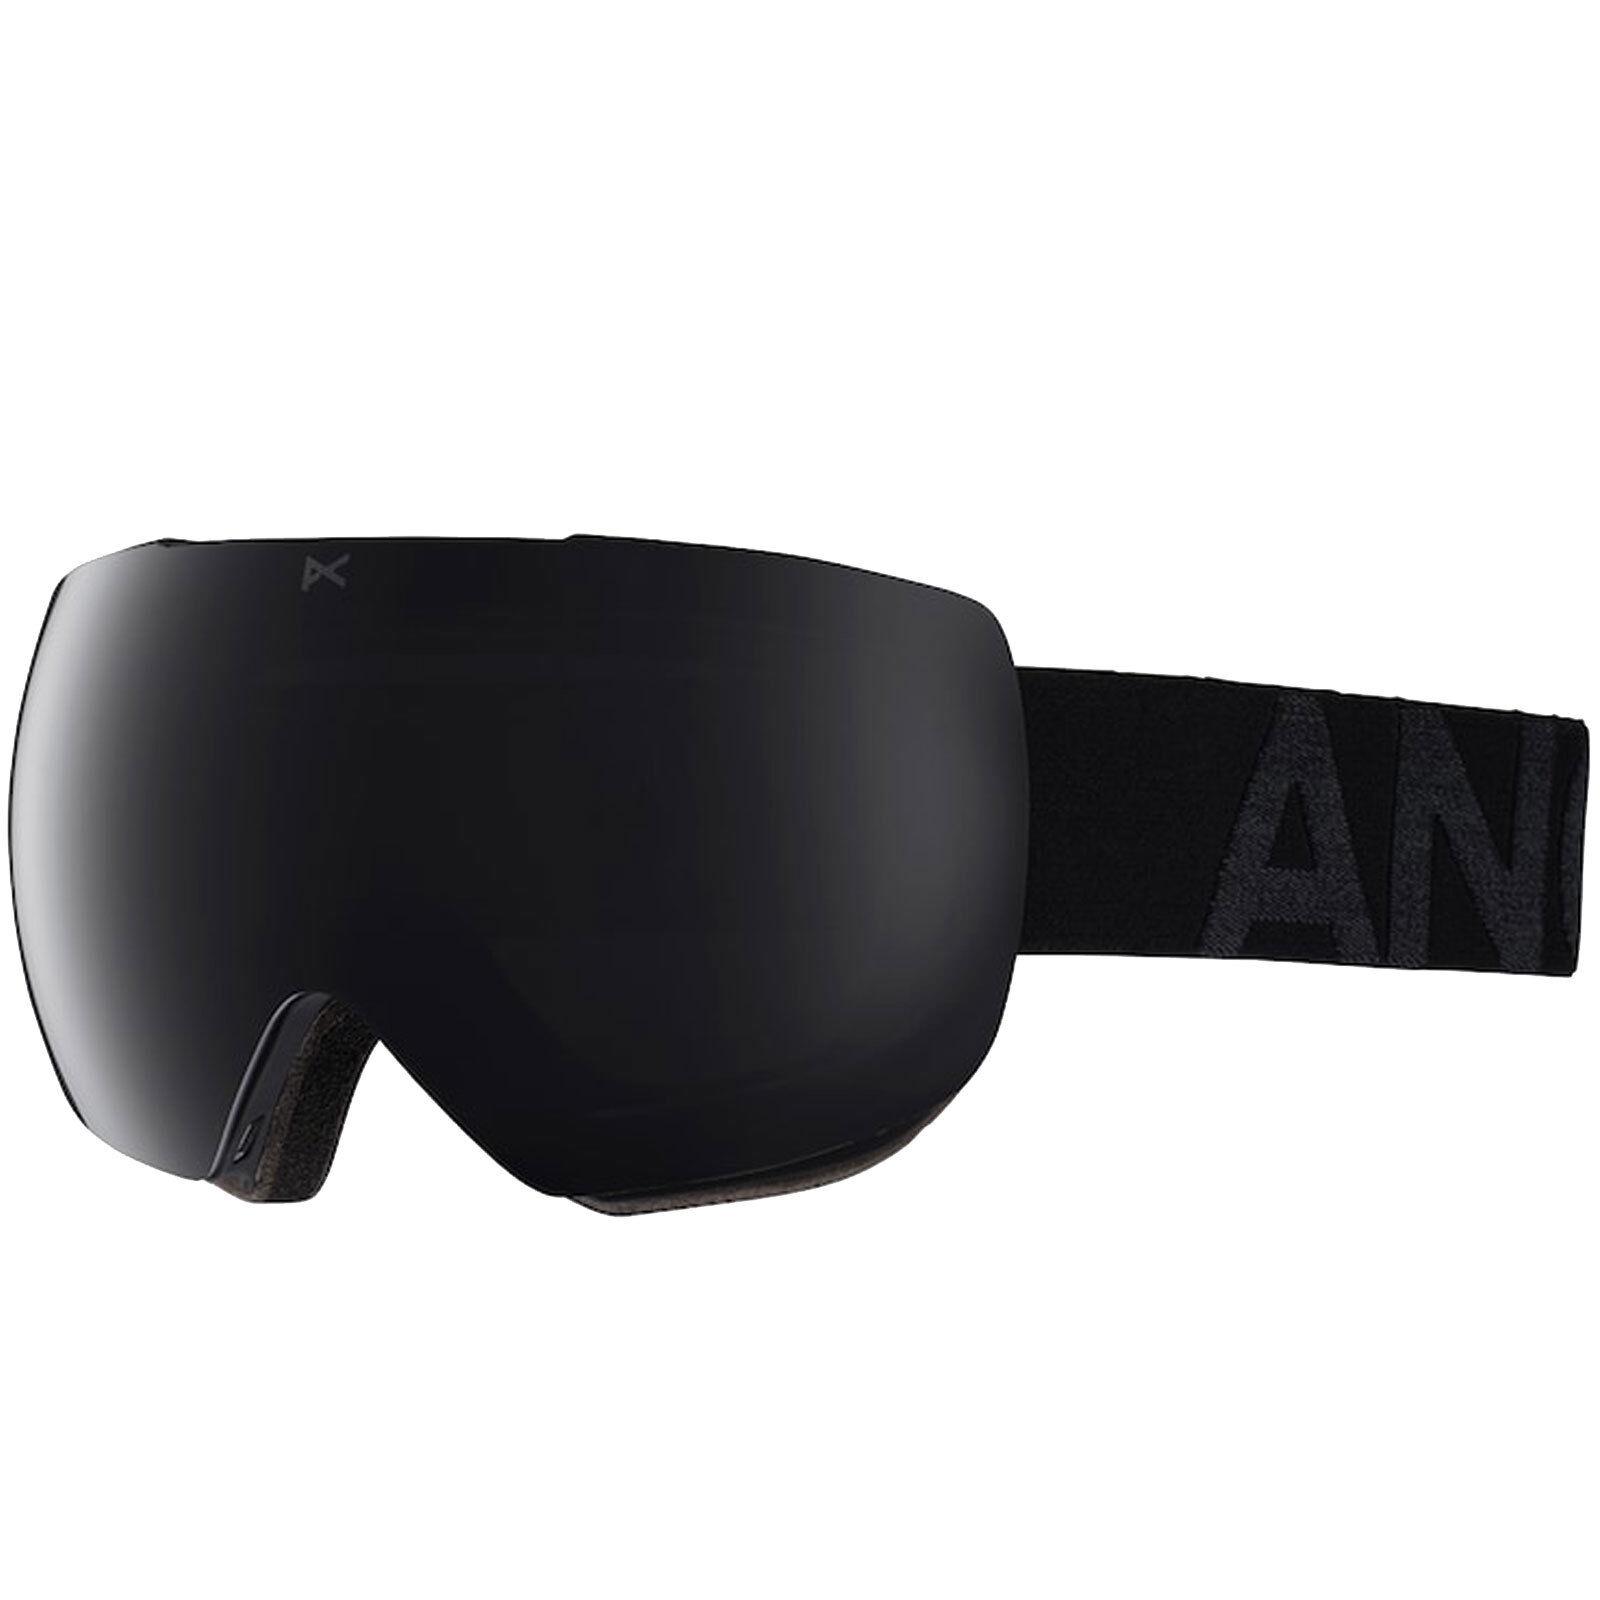 ANON MIG MIG ANON MFI Goggle + passamontagna uomo-Snowboard Occhiali da Sci, Neve Occhiali Nuovo 7bad2b